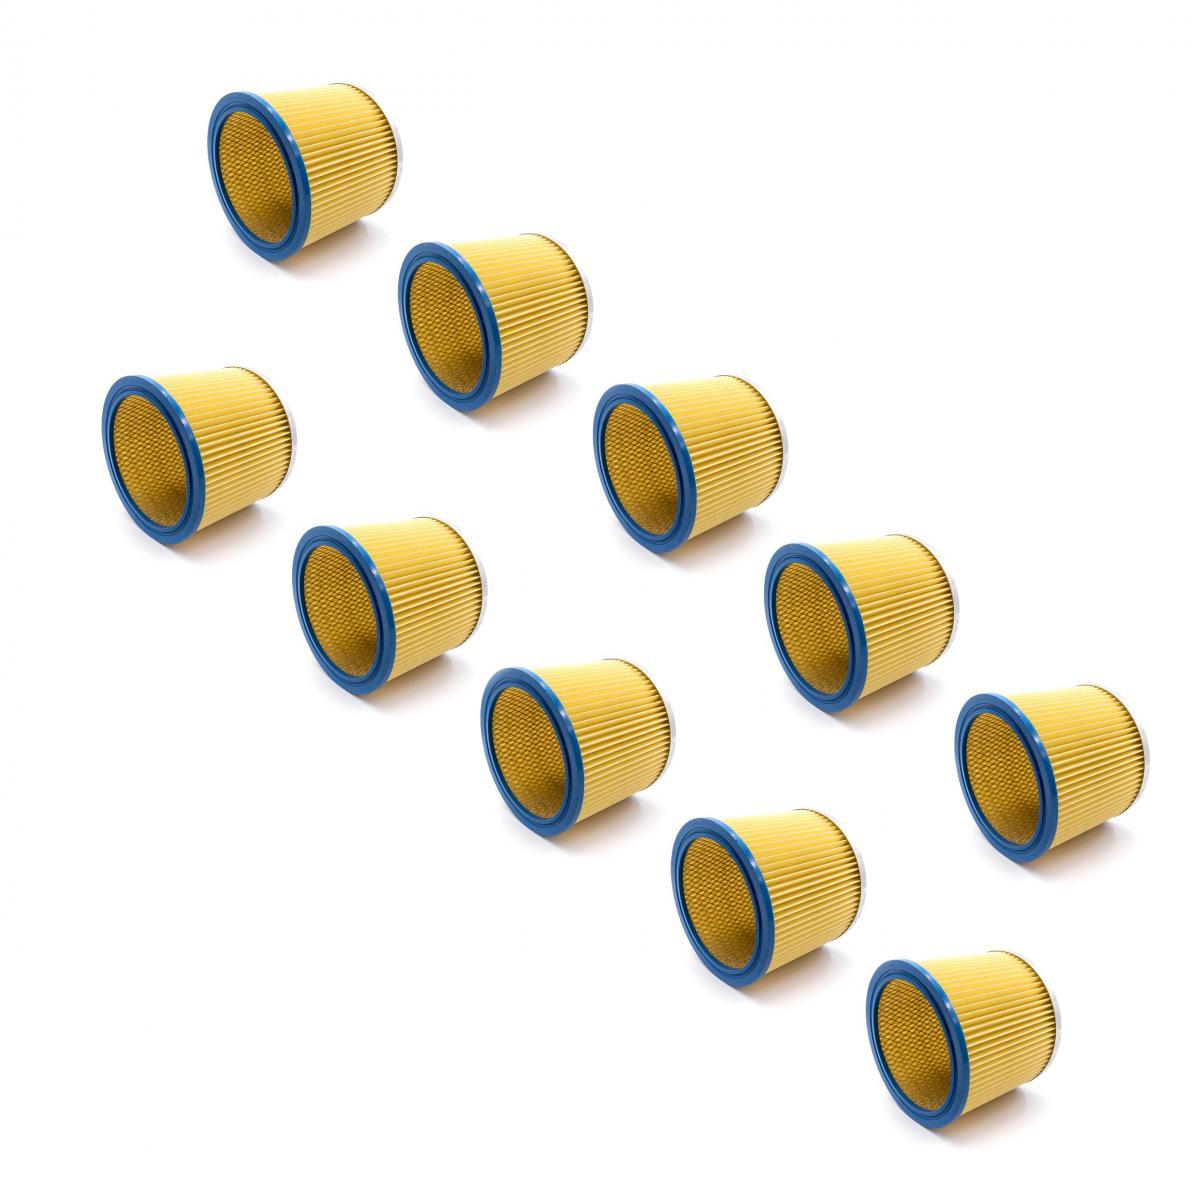 Vhbw vhbw 10x Filtre rond / filtre en lamelles pour aspirateur Aqua Vac Max 18, 630, 7